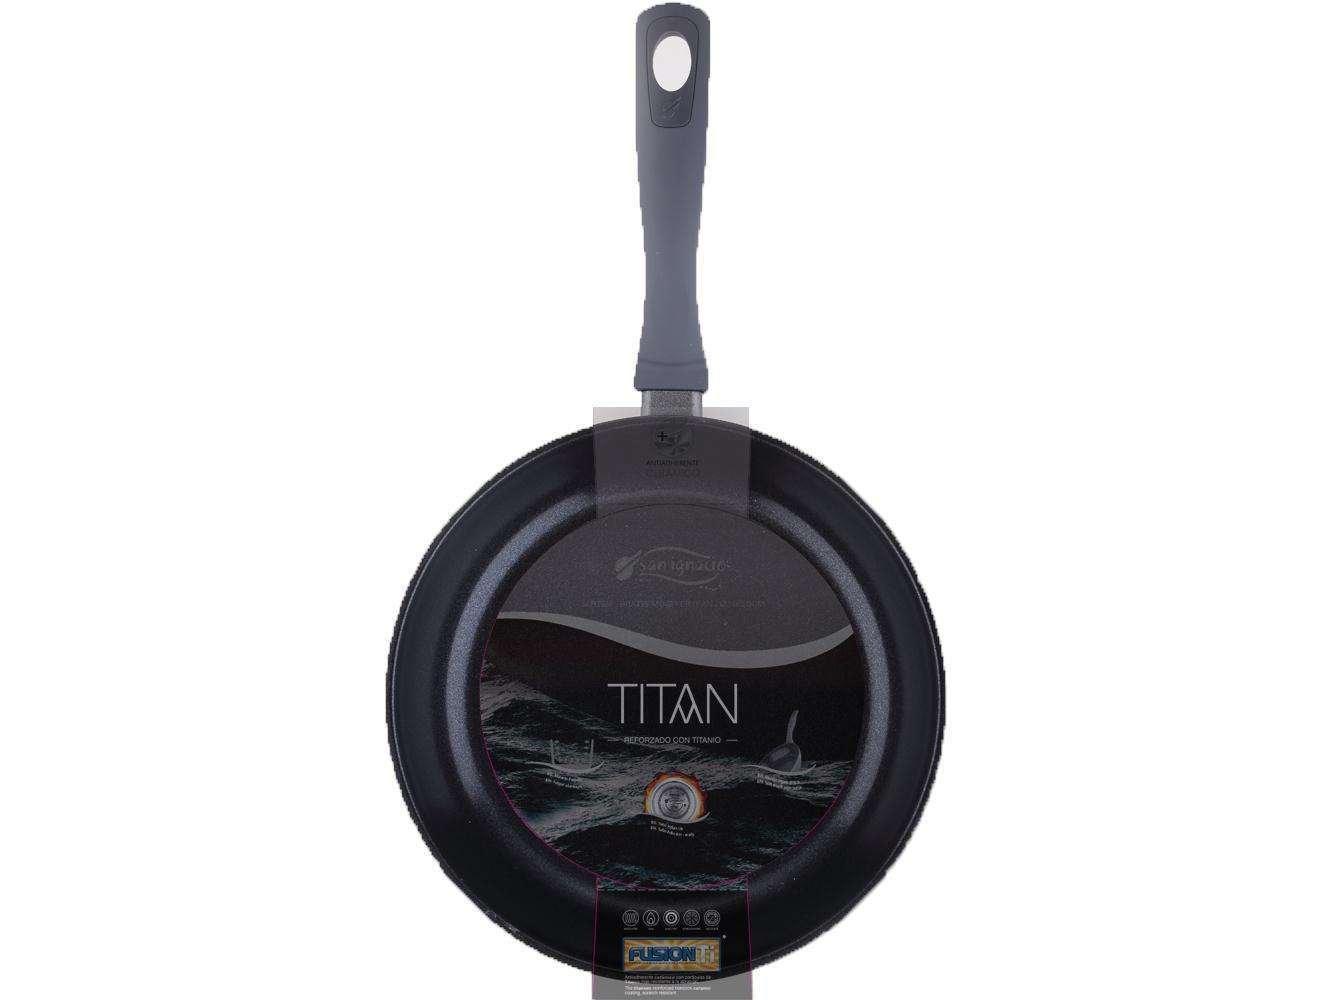 Inducción Sartén con Revestimiento de Titanio 20 cm (Sartén, Aluminio, Altura 4,5 cm, Gris): Amazon.es: Hogar